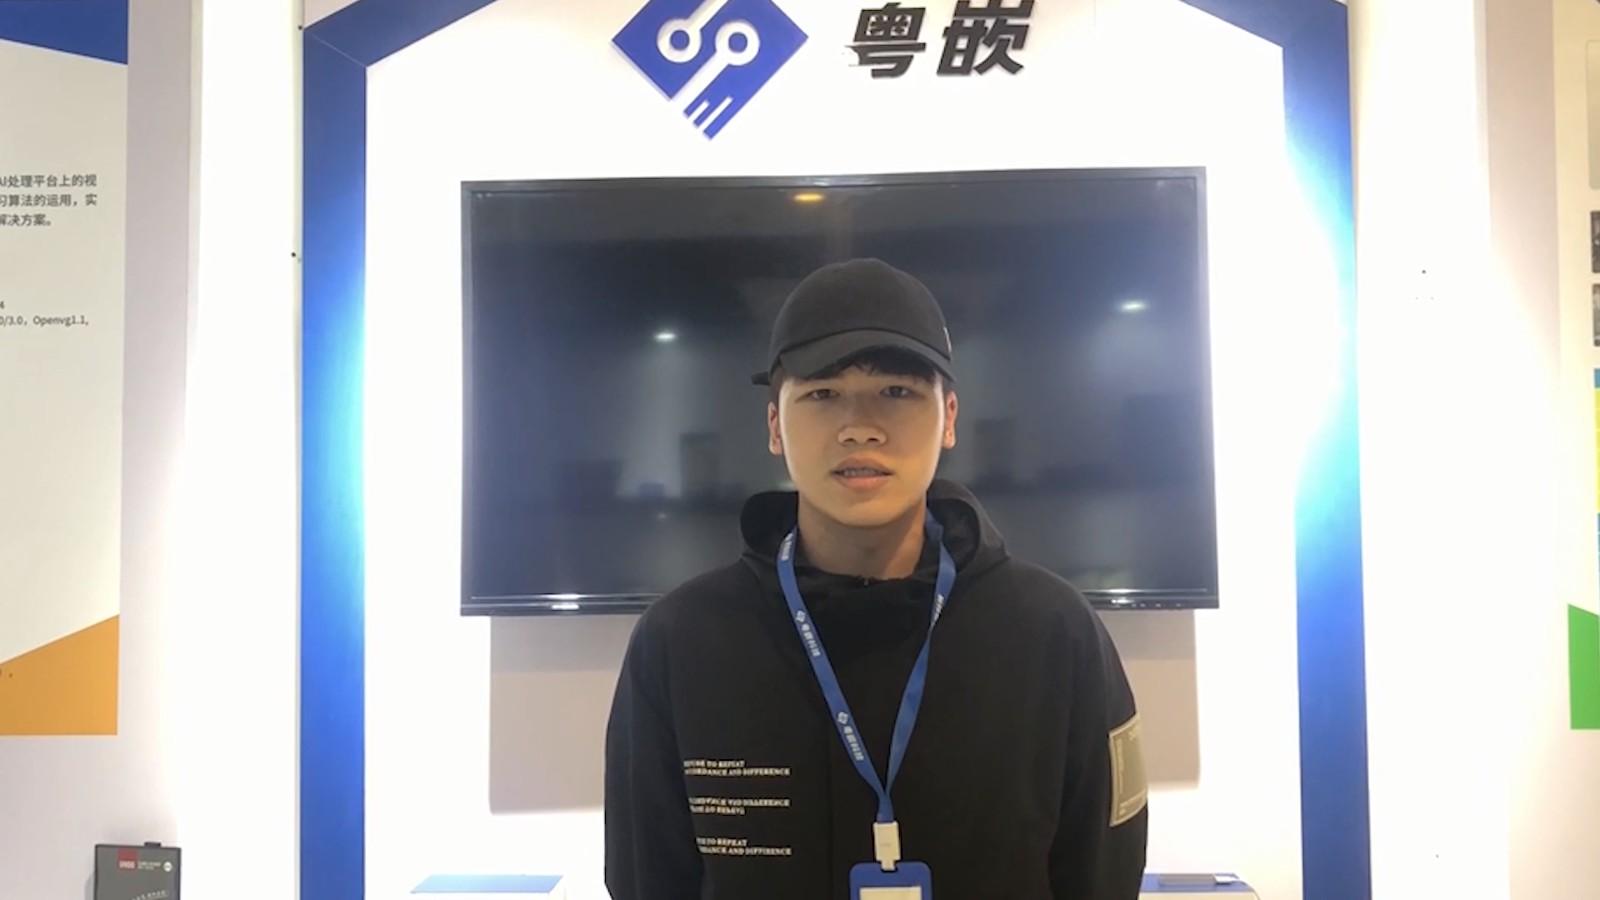 粤嵌Java培训优秀毕业生--冯伟豪